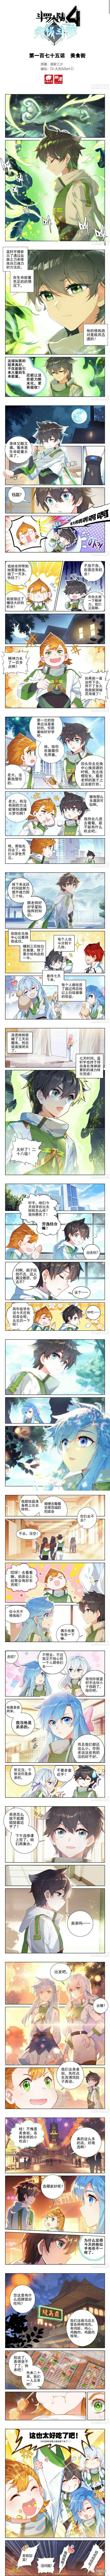 【漫画更新】斗罗大陆4终极斗罗175